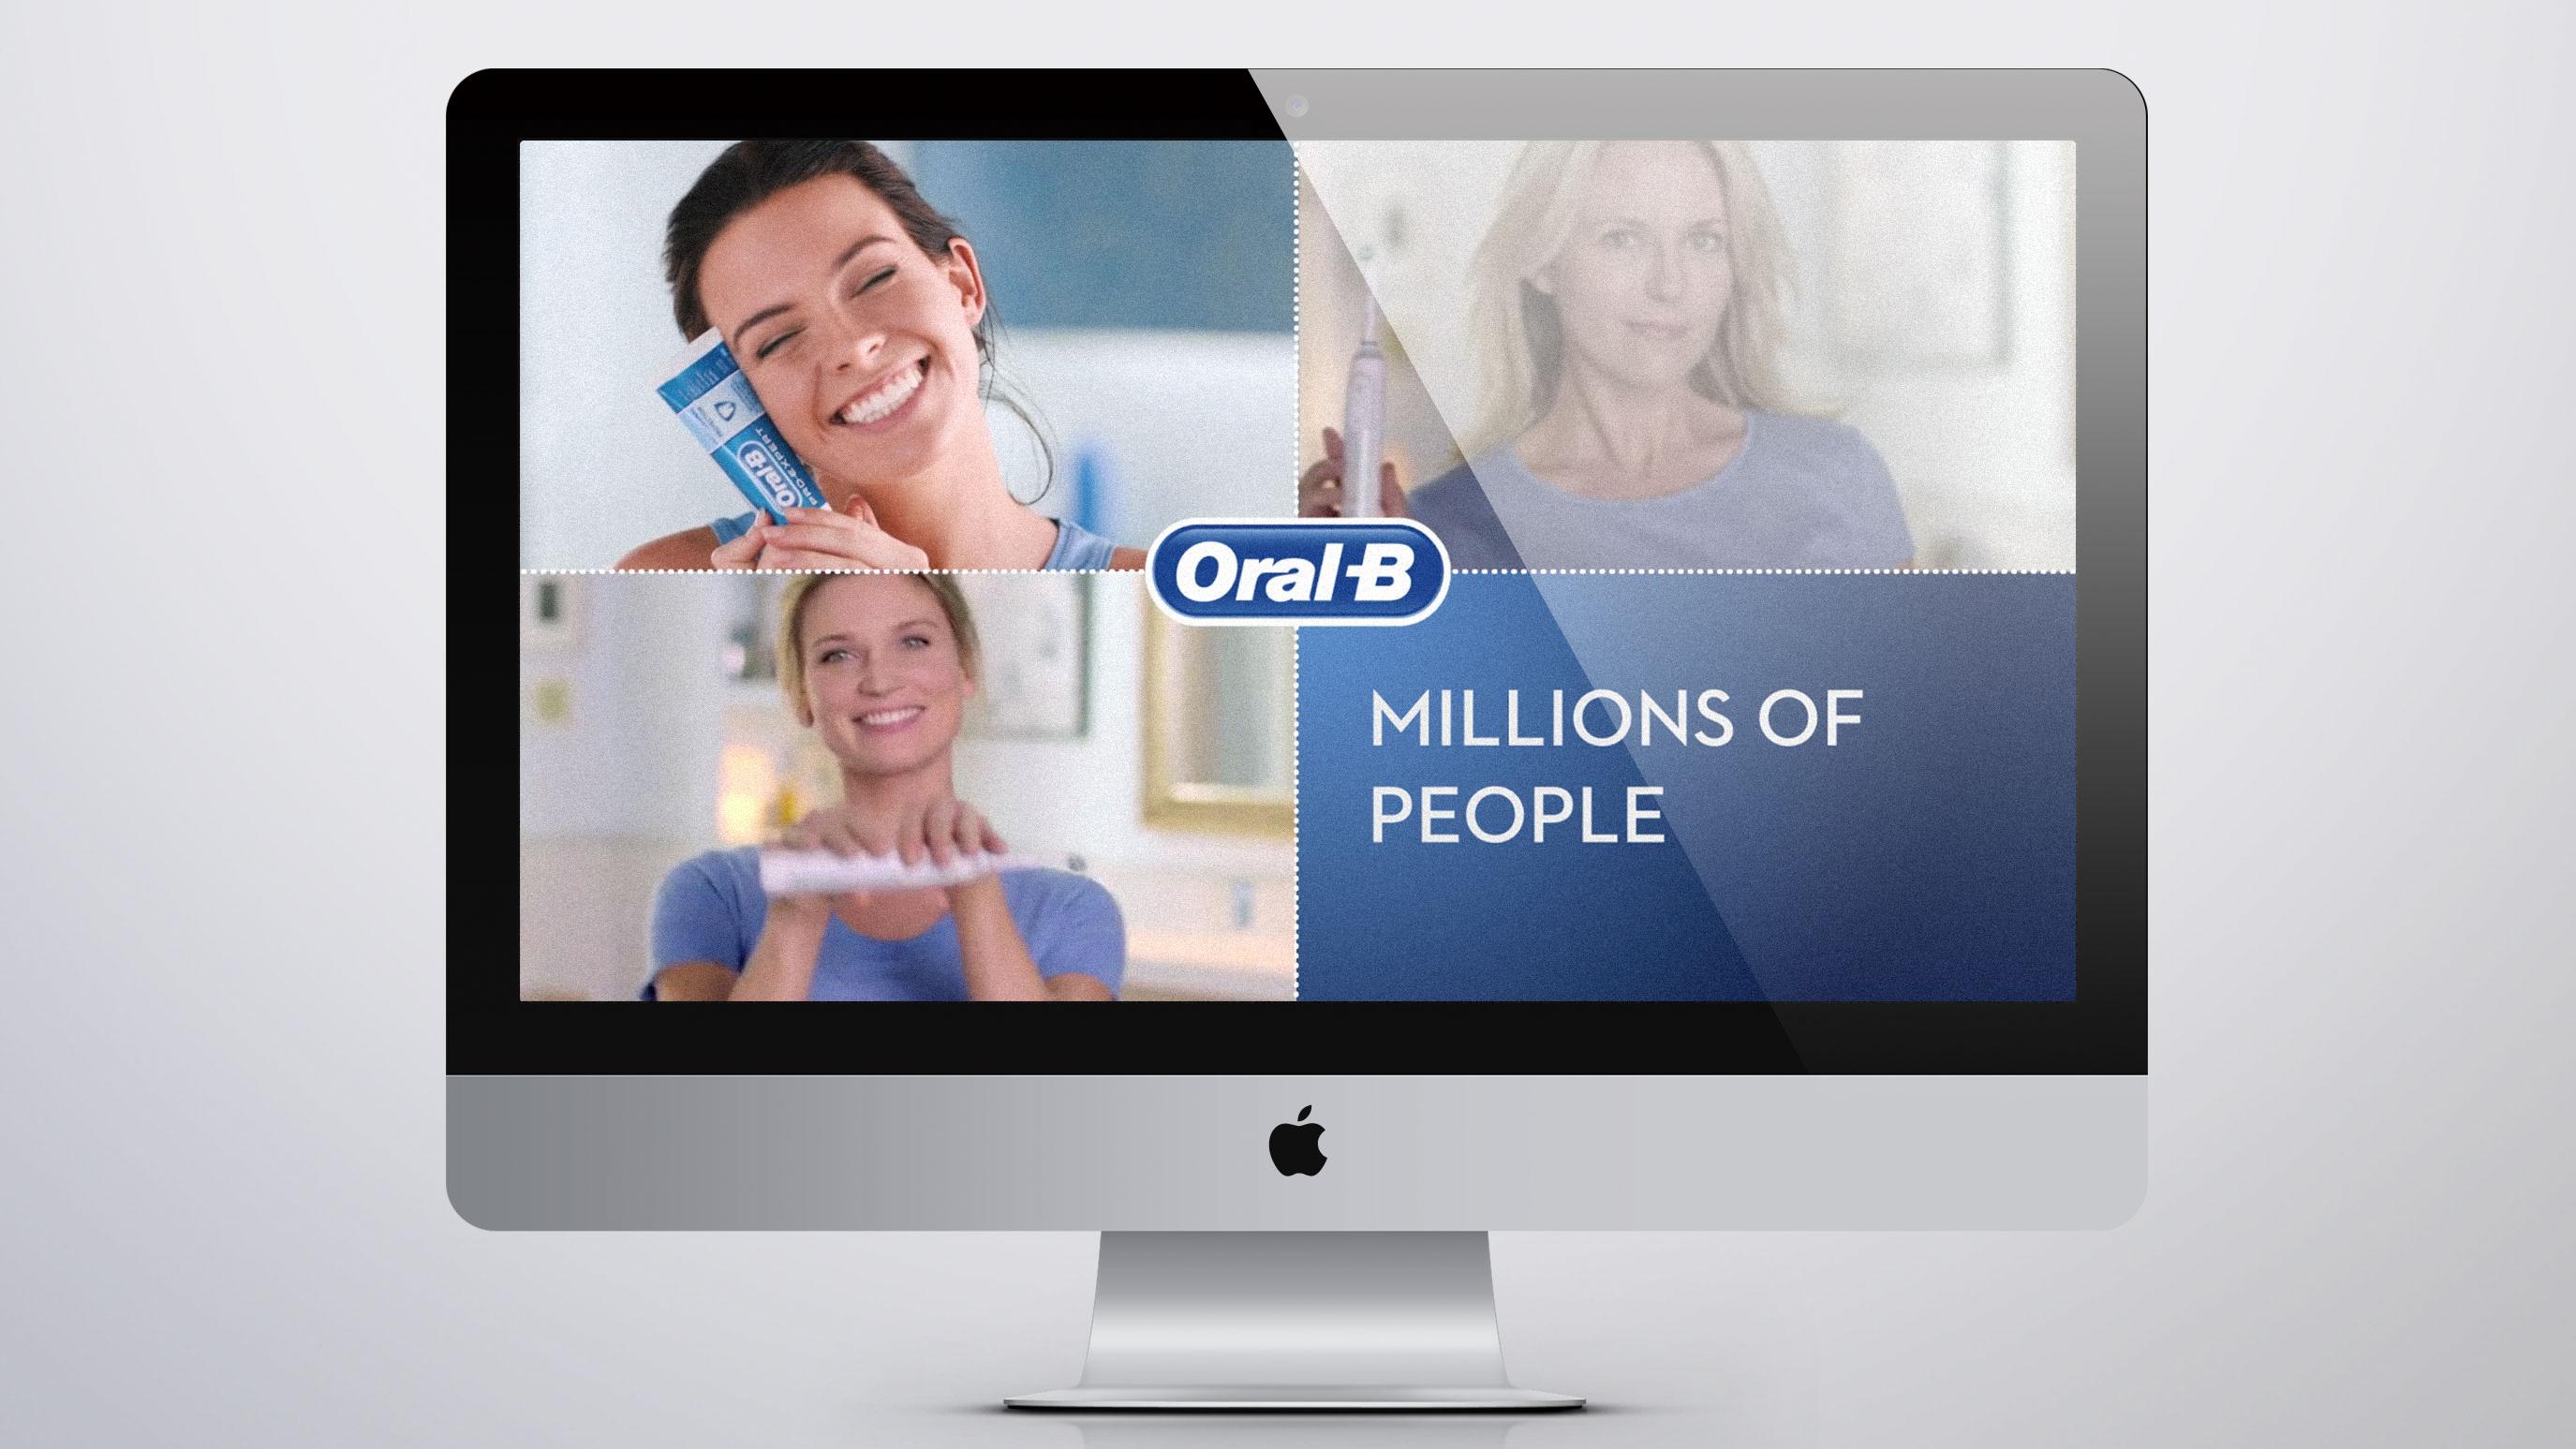 oral-b2